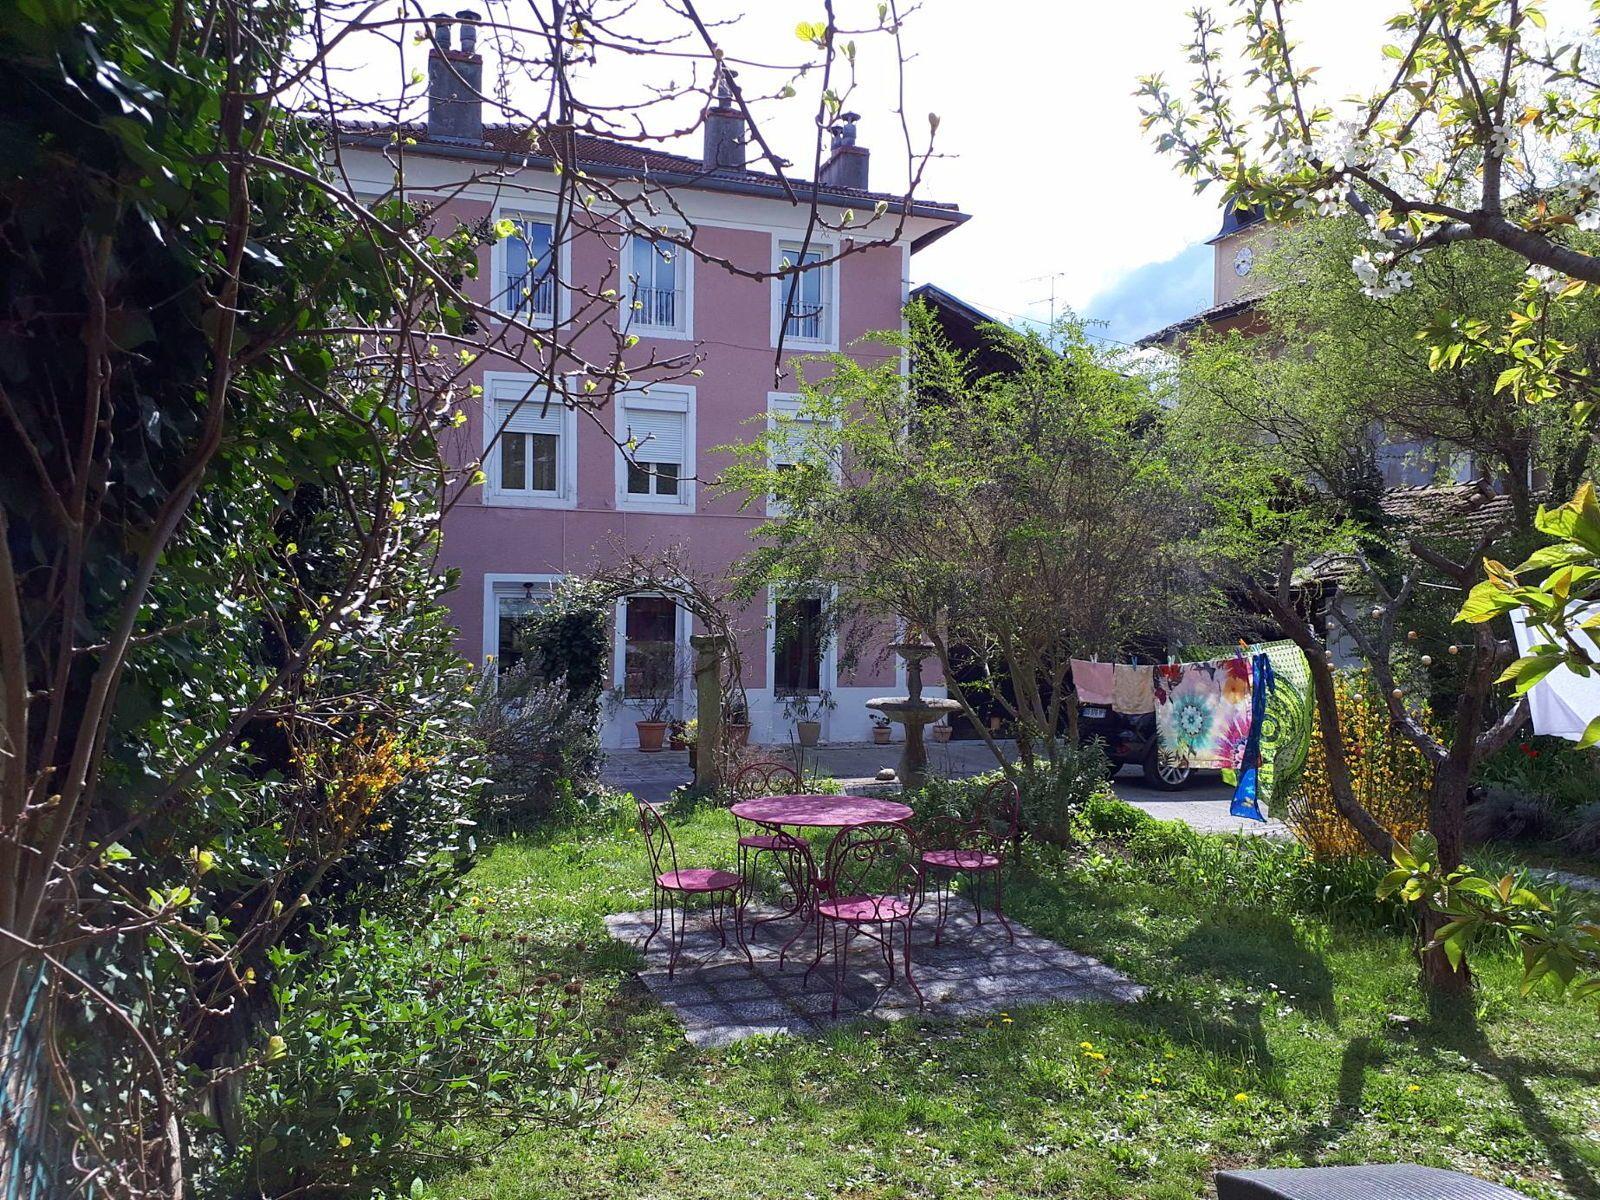 Vends demeure de charme - 8chambres, 380m² - Saint-Marcellin (38)